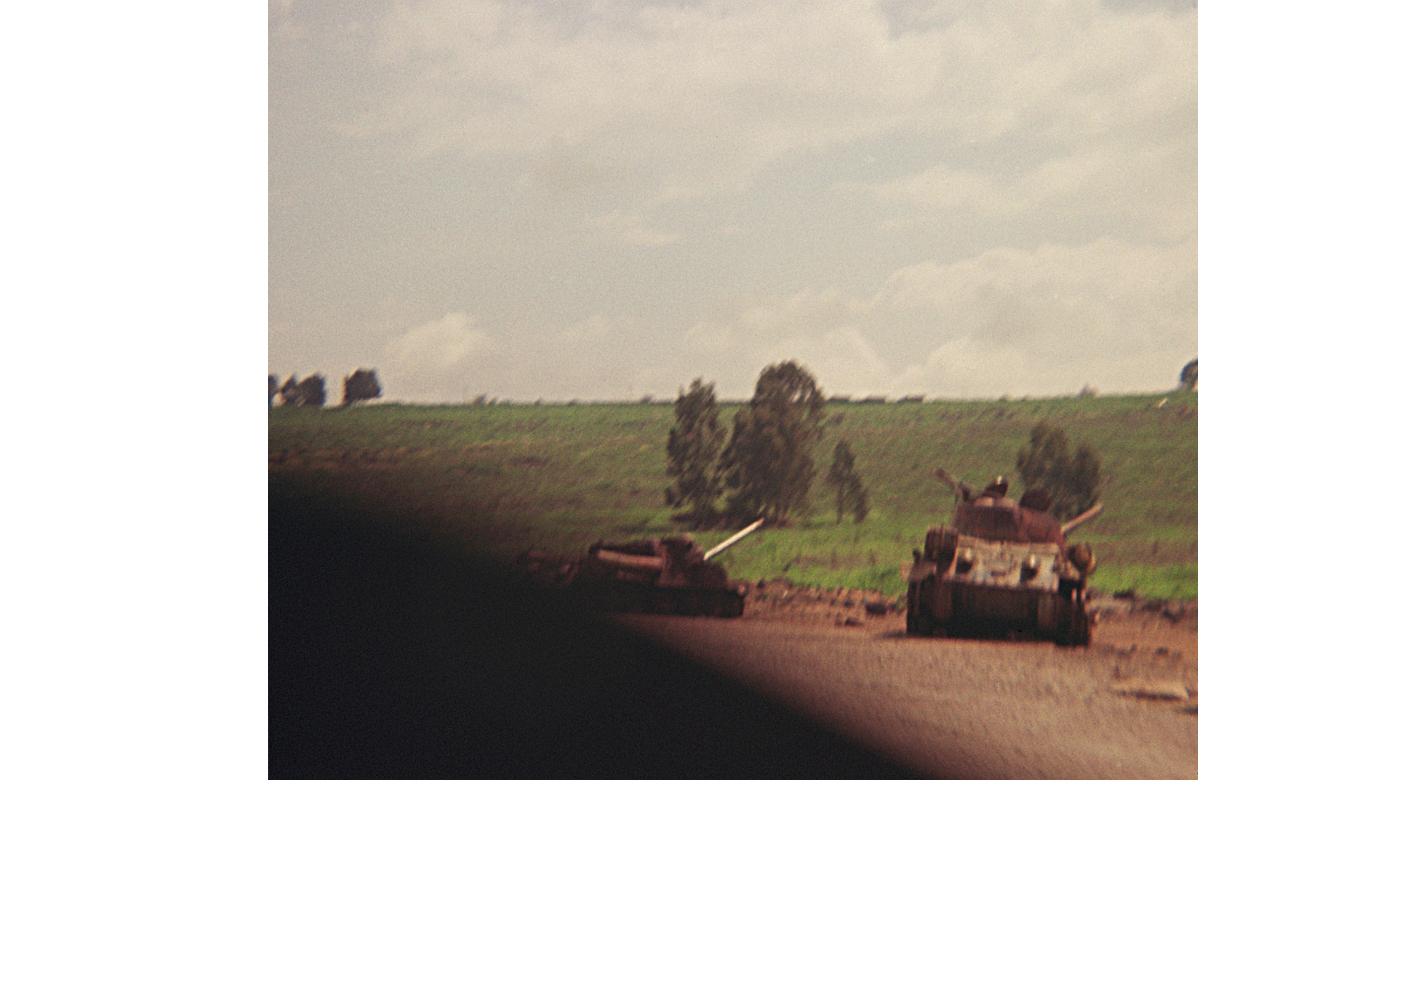 Contre-offensive israélienne sur le Golan, près de Kuneitra entièrement détruite en 1974. © Alain Dizerens